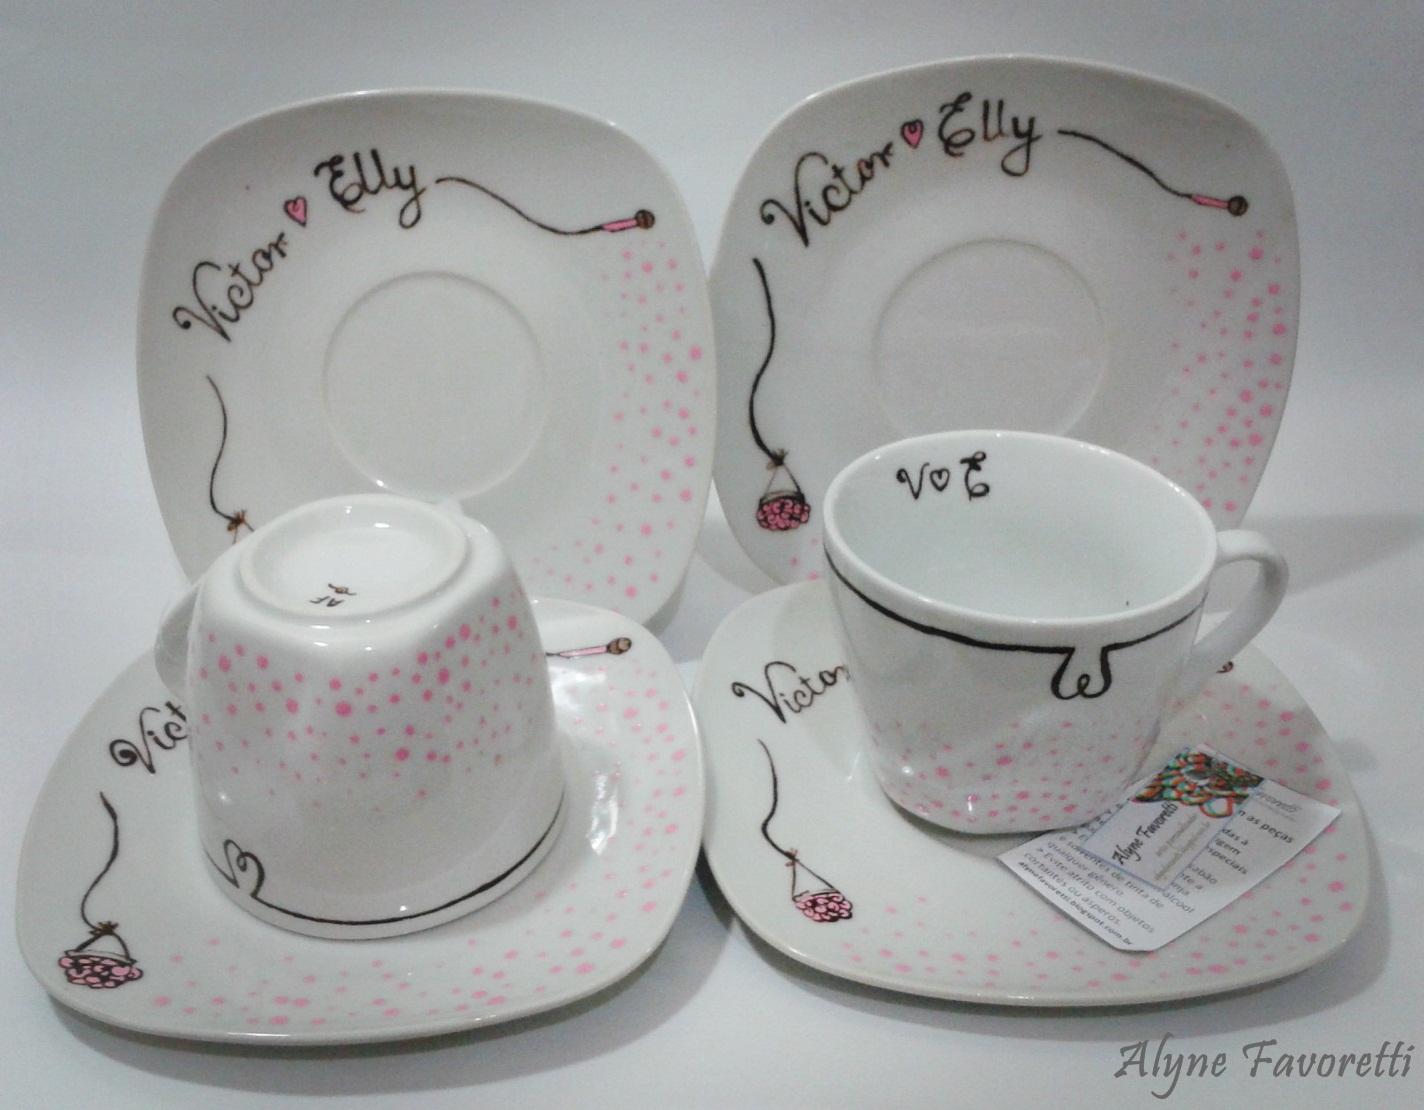 Alyne Favoretti: Aparelho de jantar personalizado para os noivos  #614847 1424x1110